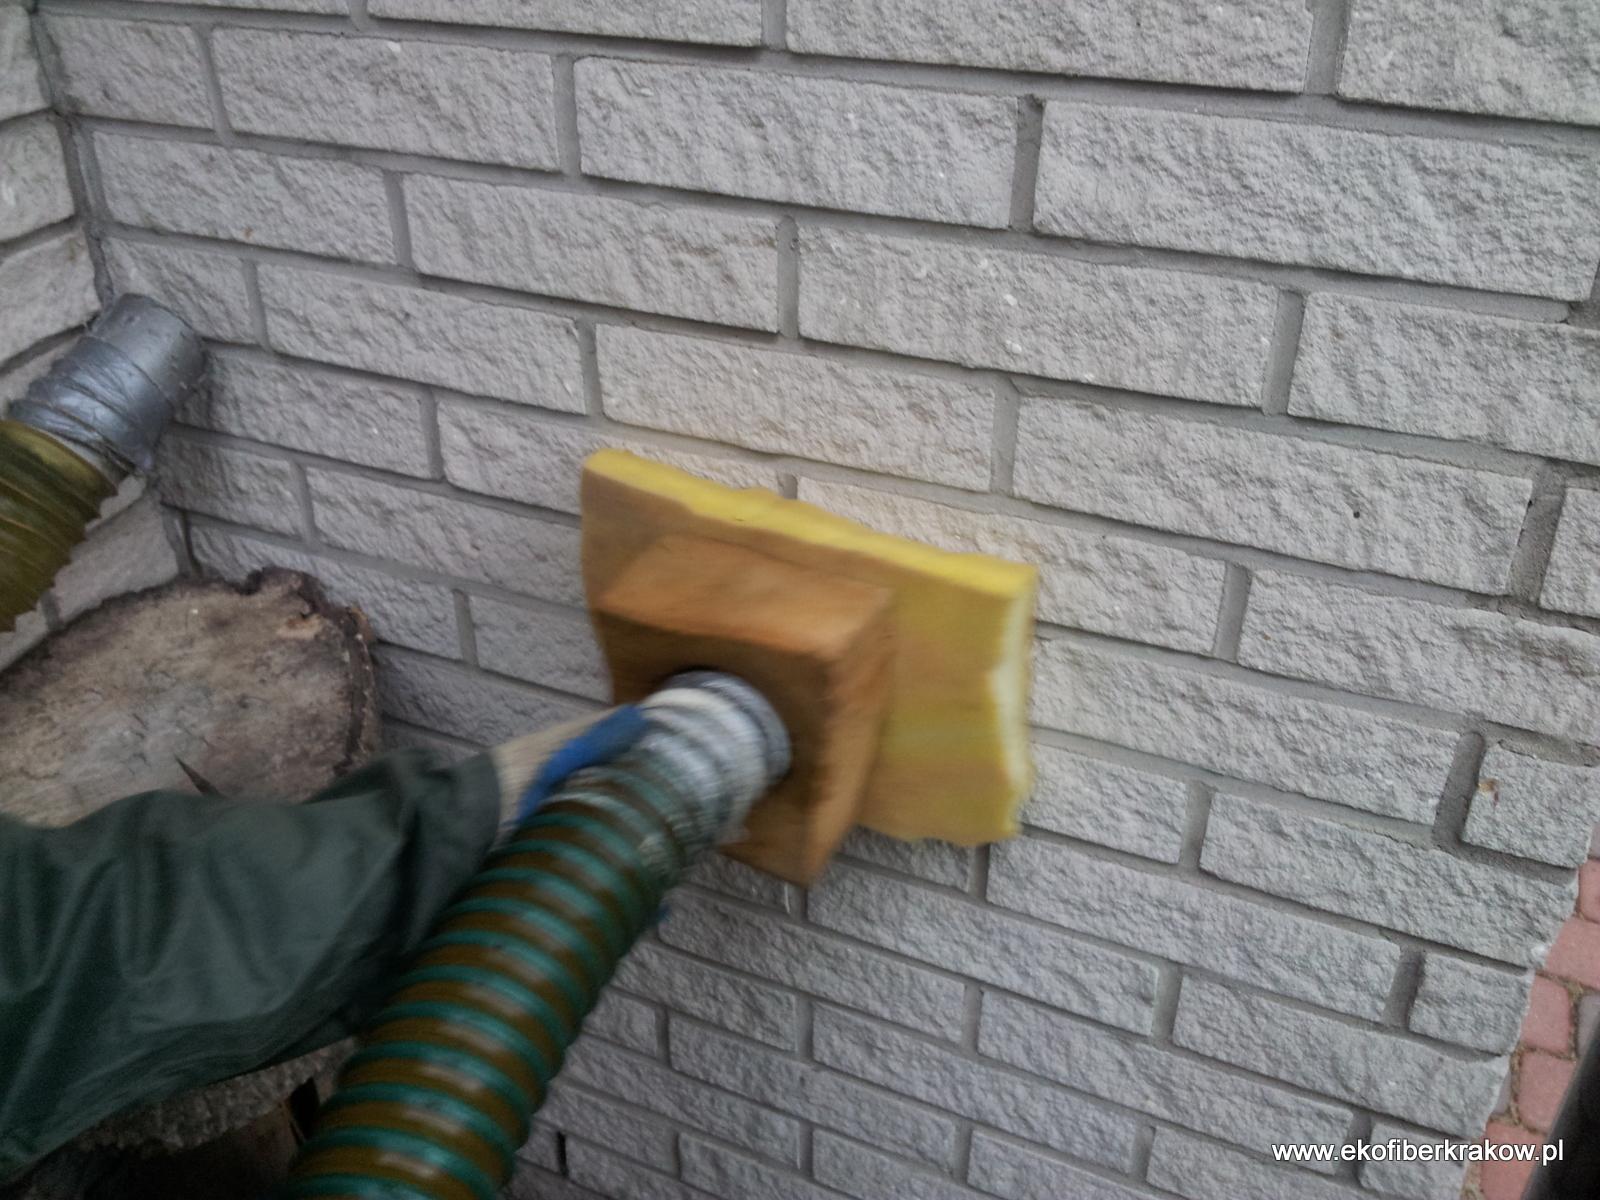 Wykonywanie uzupełnienia izolacji ściany warstwowej granulatem Ekofiber